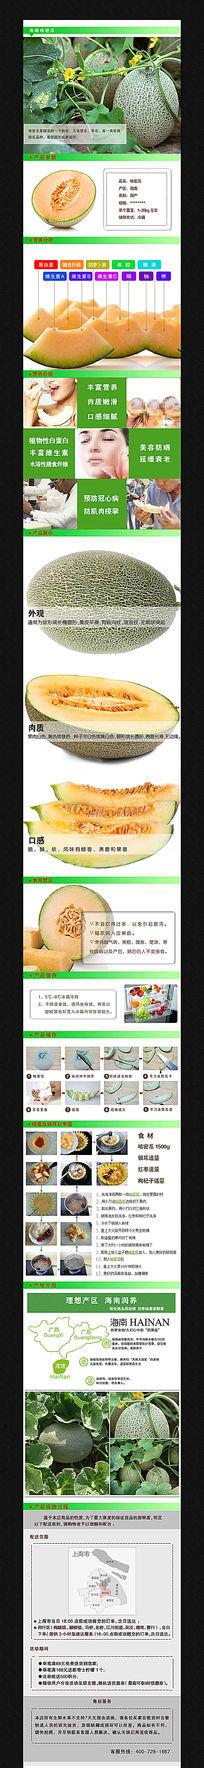 淘宝食品详情页细节PSD模板 PSD